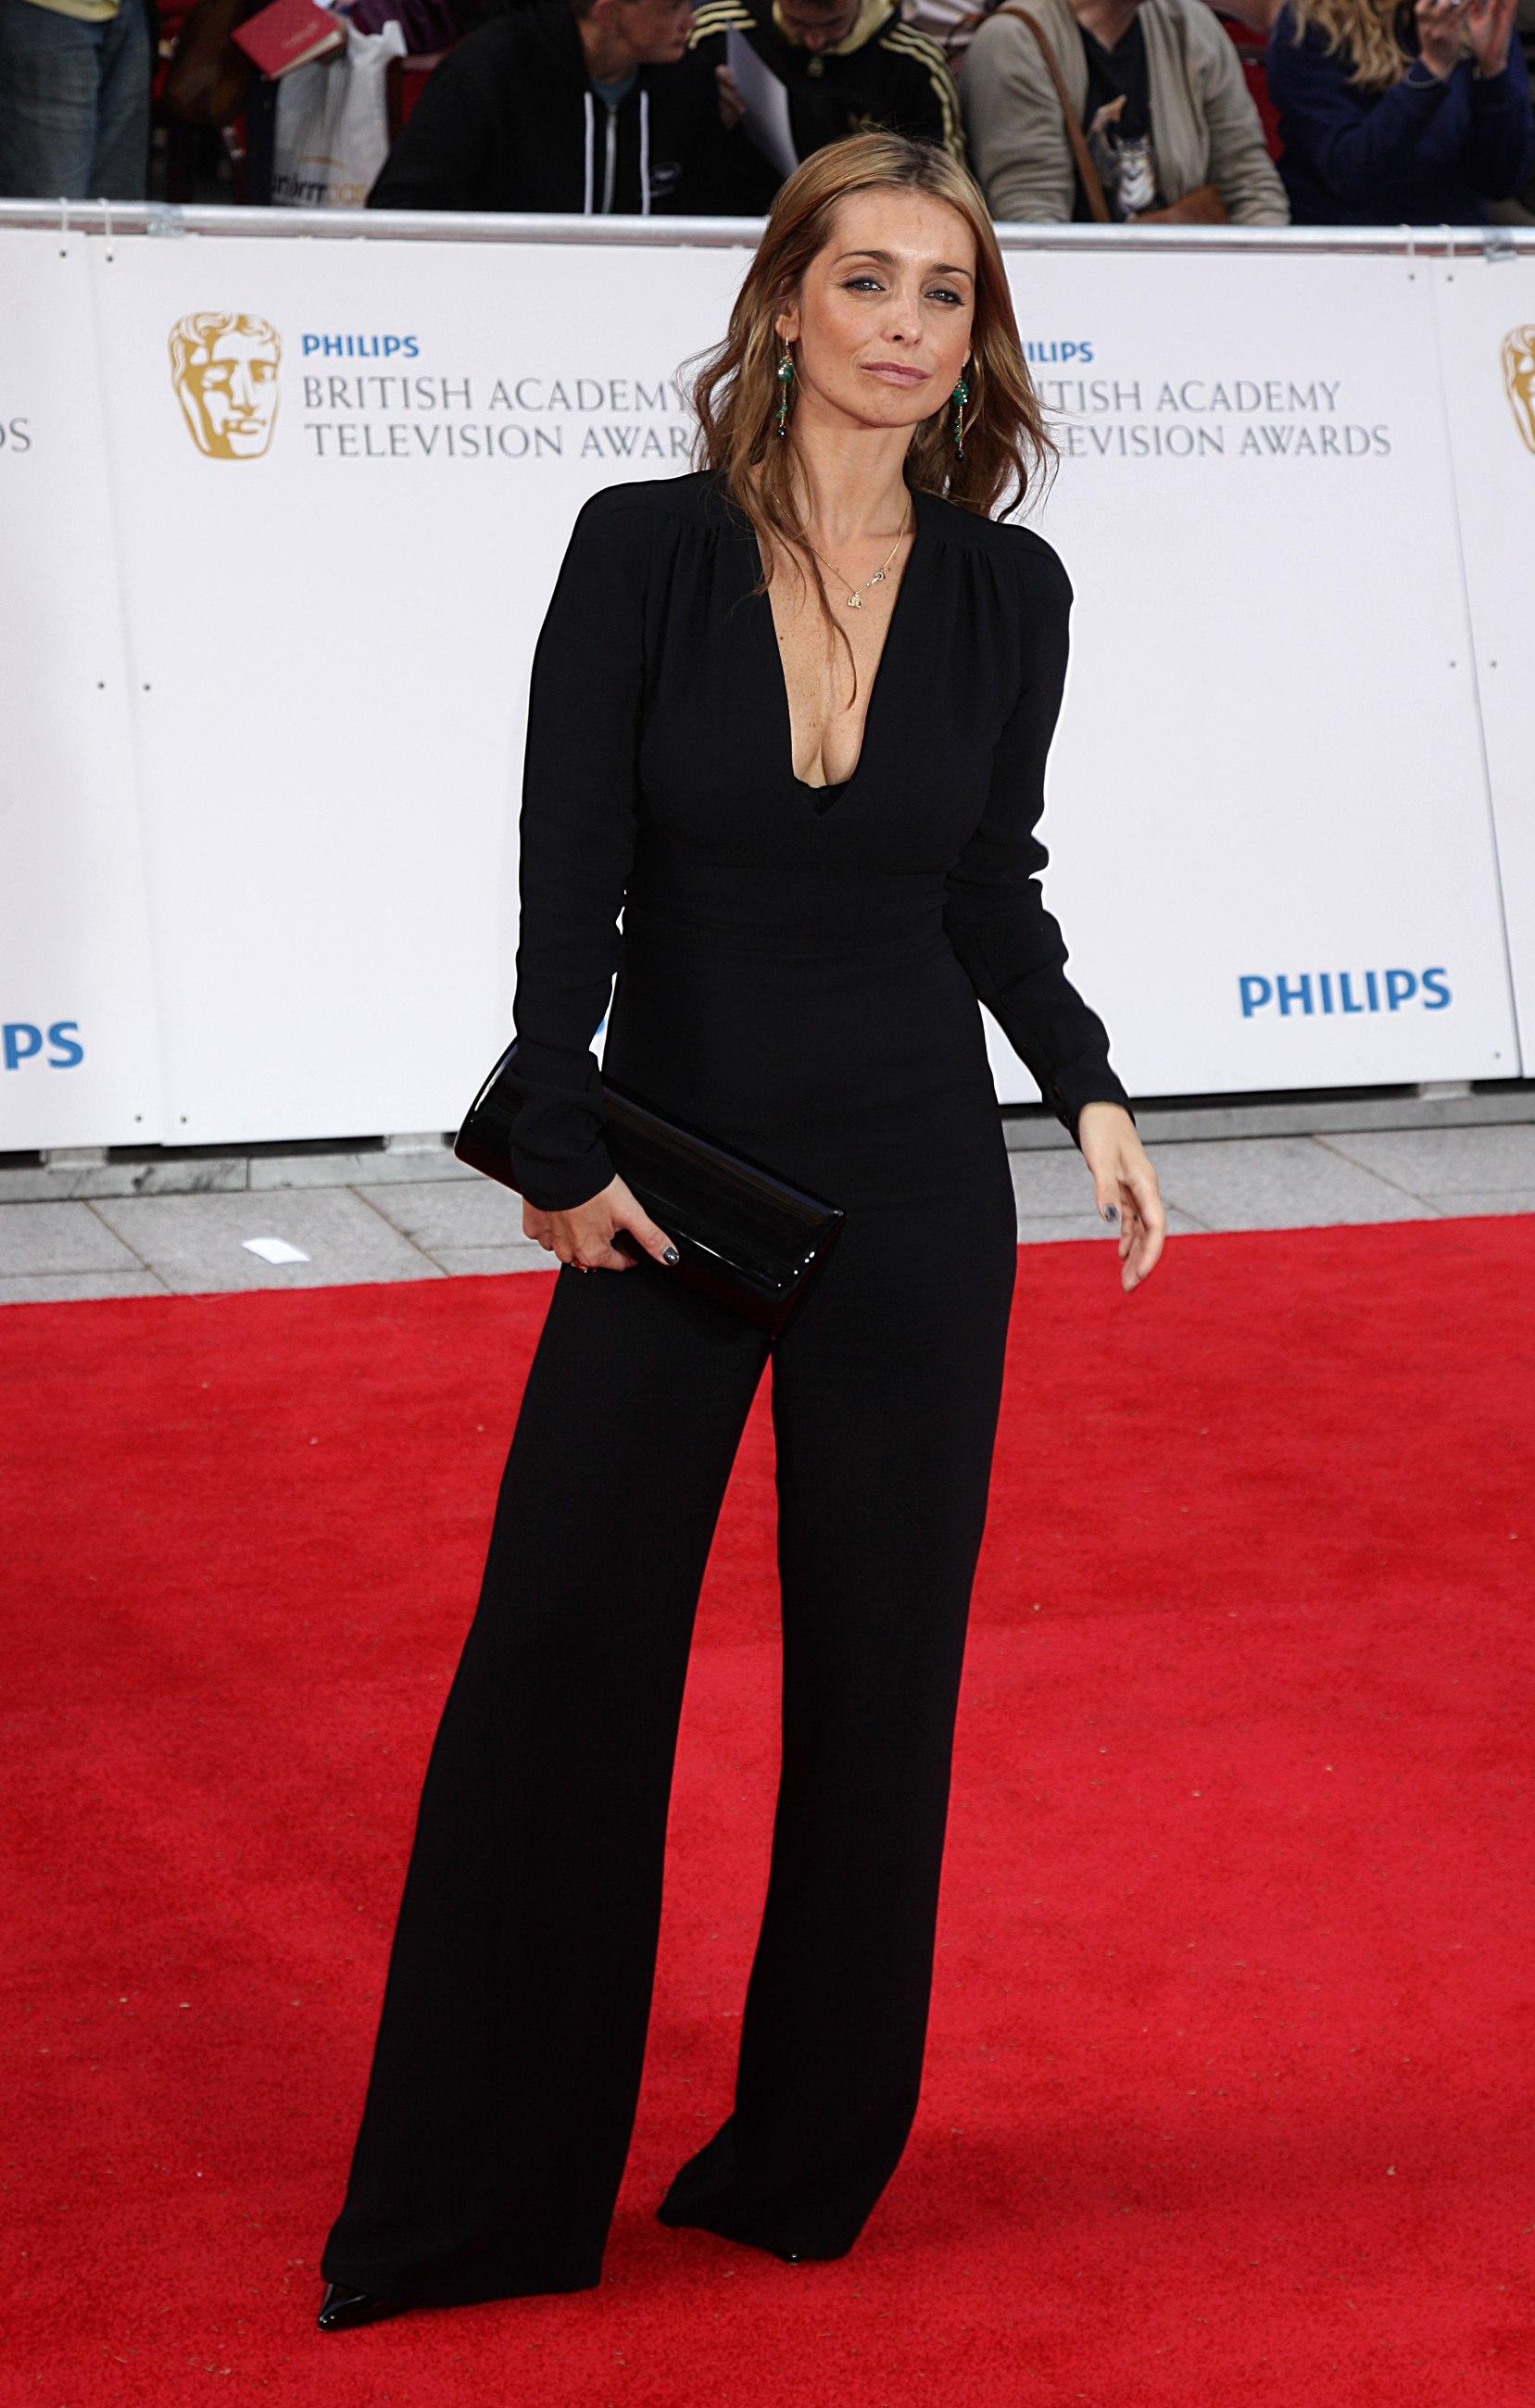 Louise Redknapp The Bafta Awards